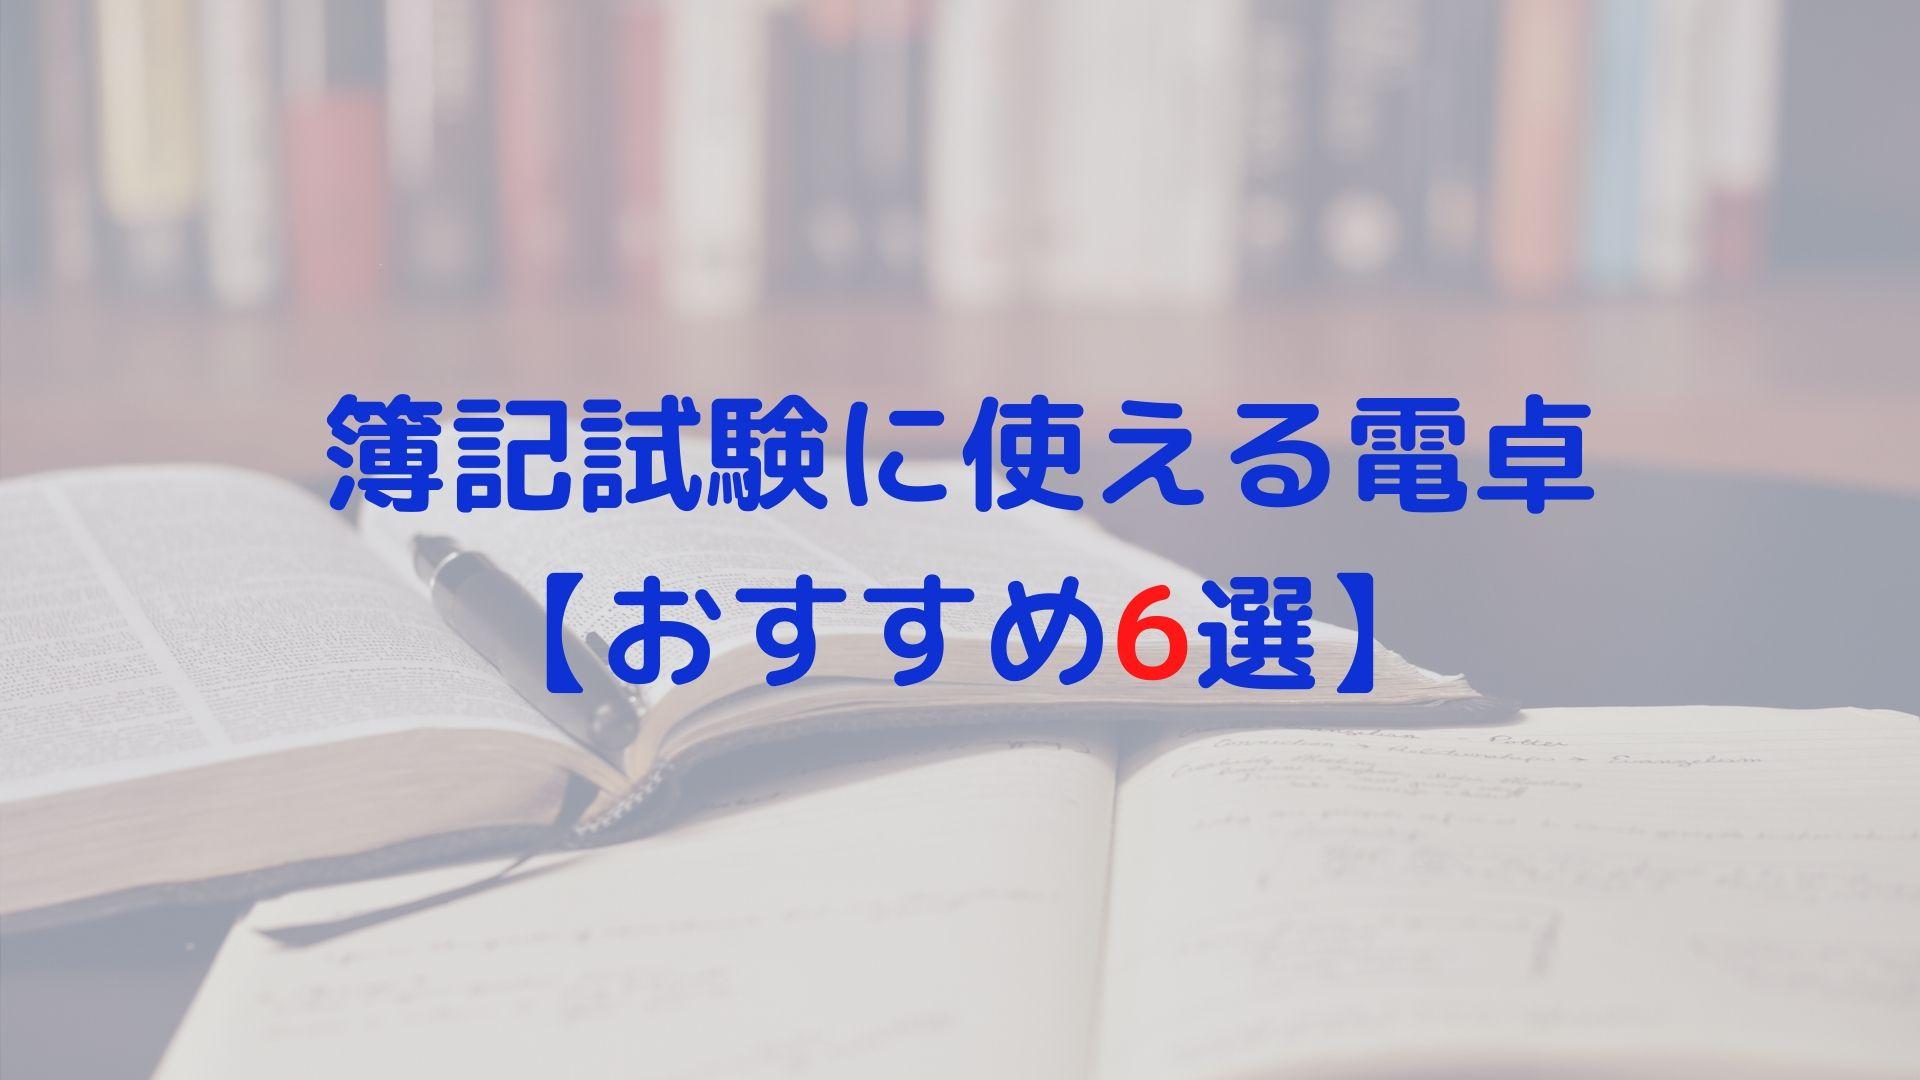 簿記試験に使える電卓【おすすめ6選】